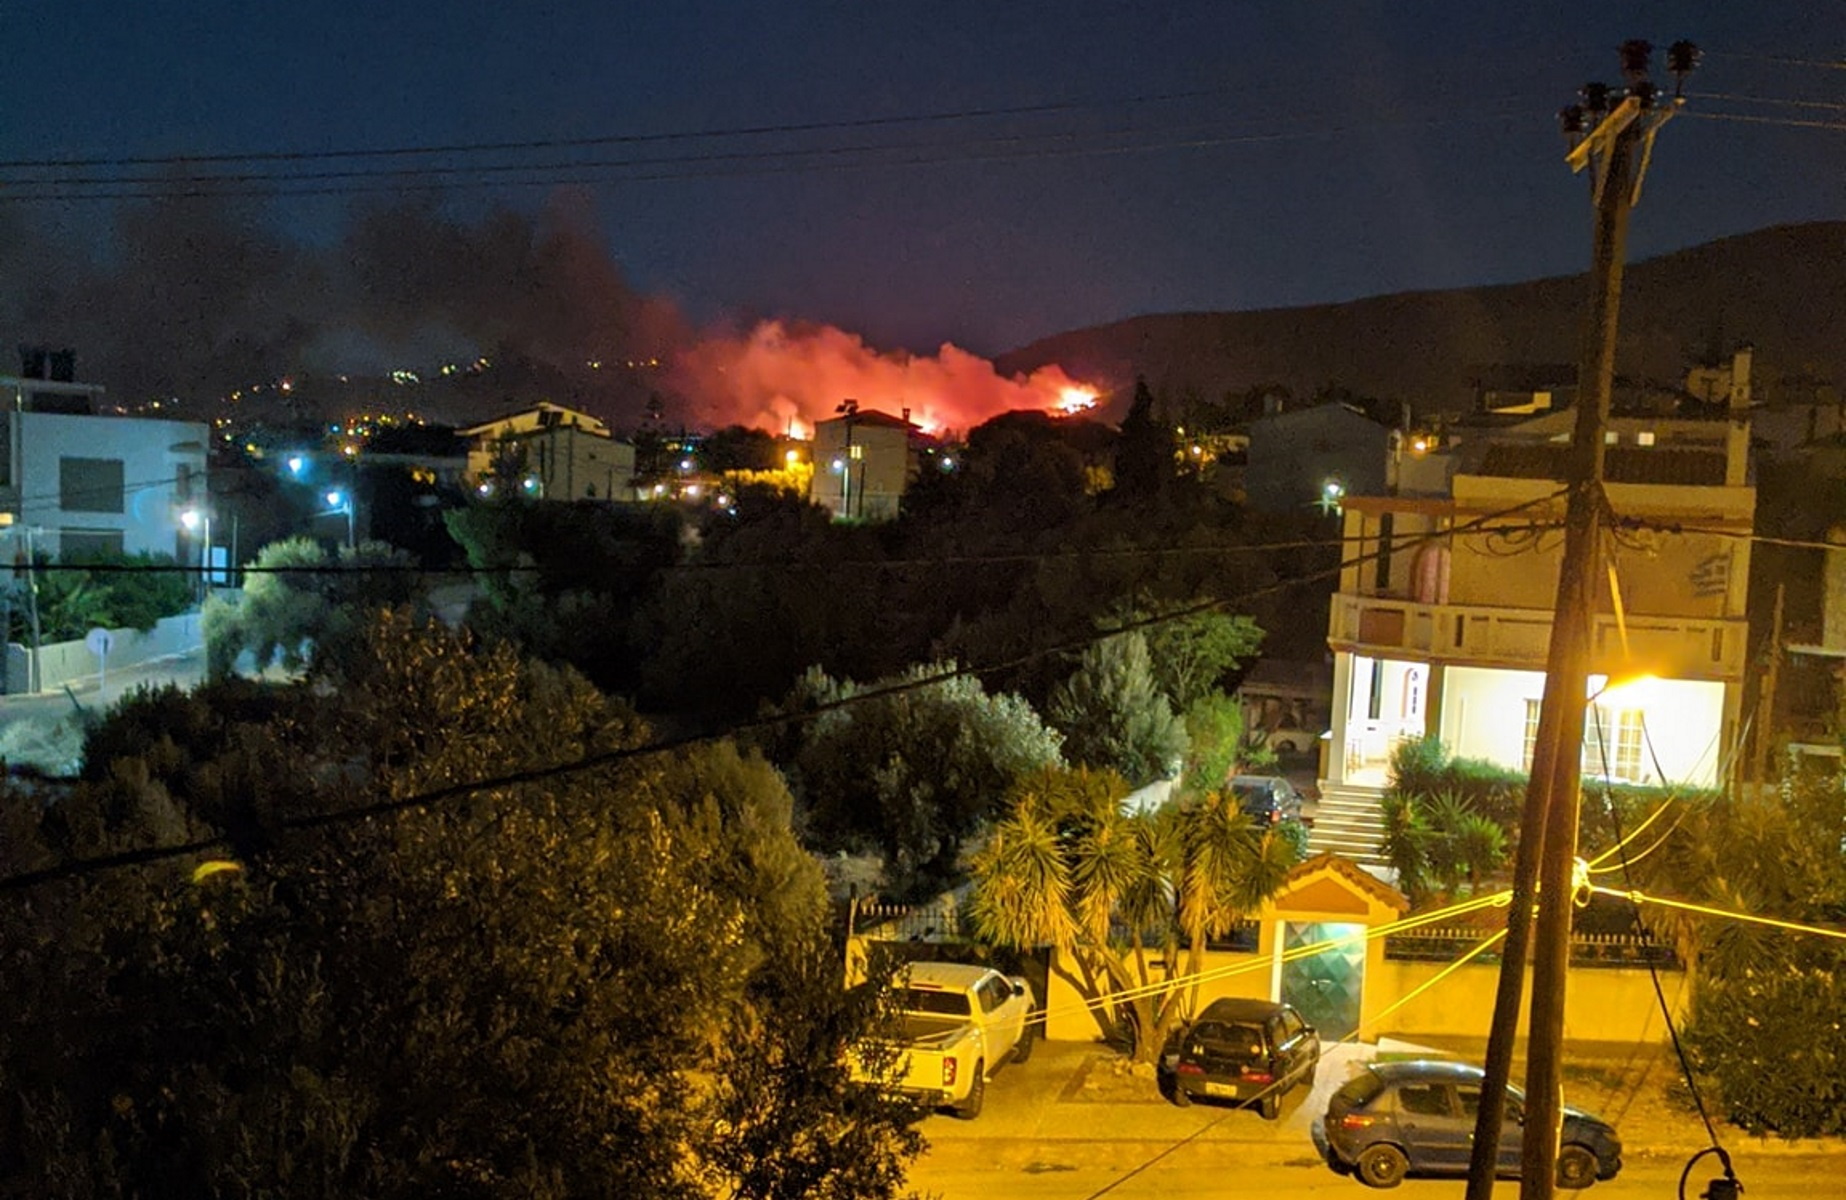 Φωτιά στην Νέα Μάκρη: Σε ύφεση το πύρινο μέτωπο – Πατούλης: Υπάρχουν ενδείξεις για εμπρησμό